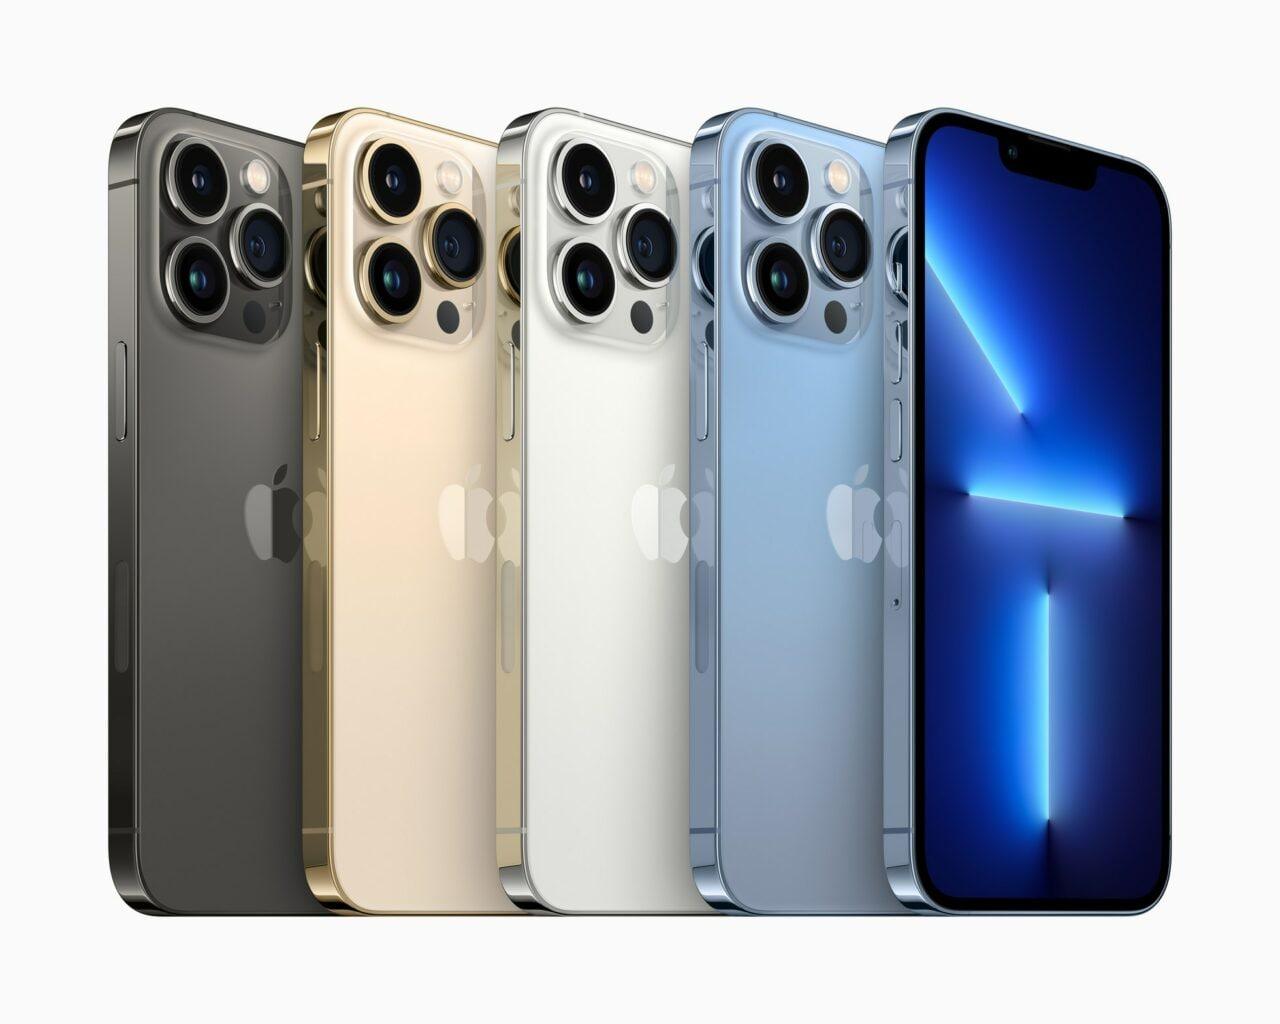 L'audio di iPhone 13 Pro Max è lodevole ma il display è insuperabile, parola di DxOMark